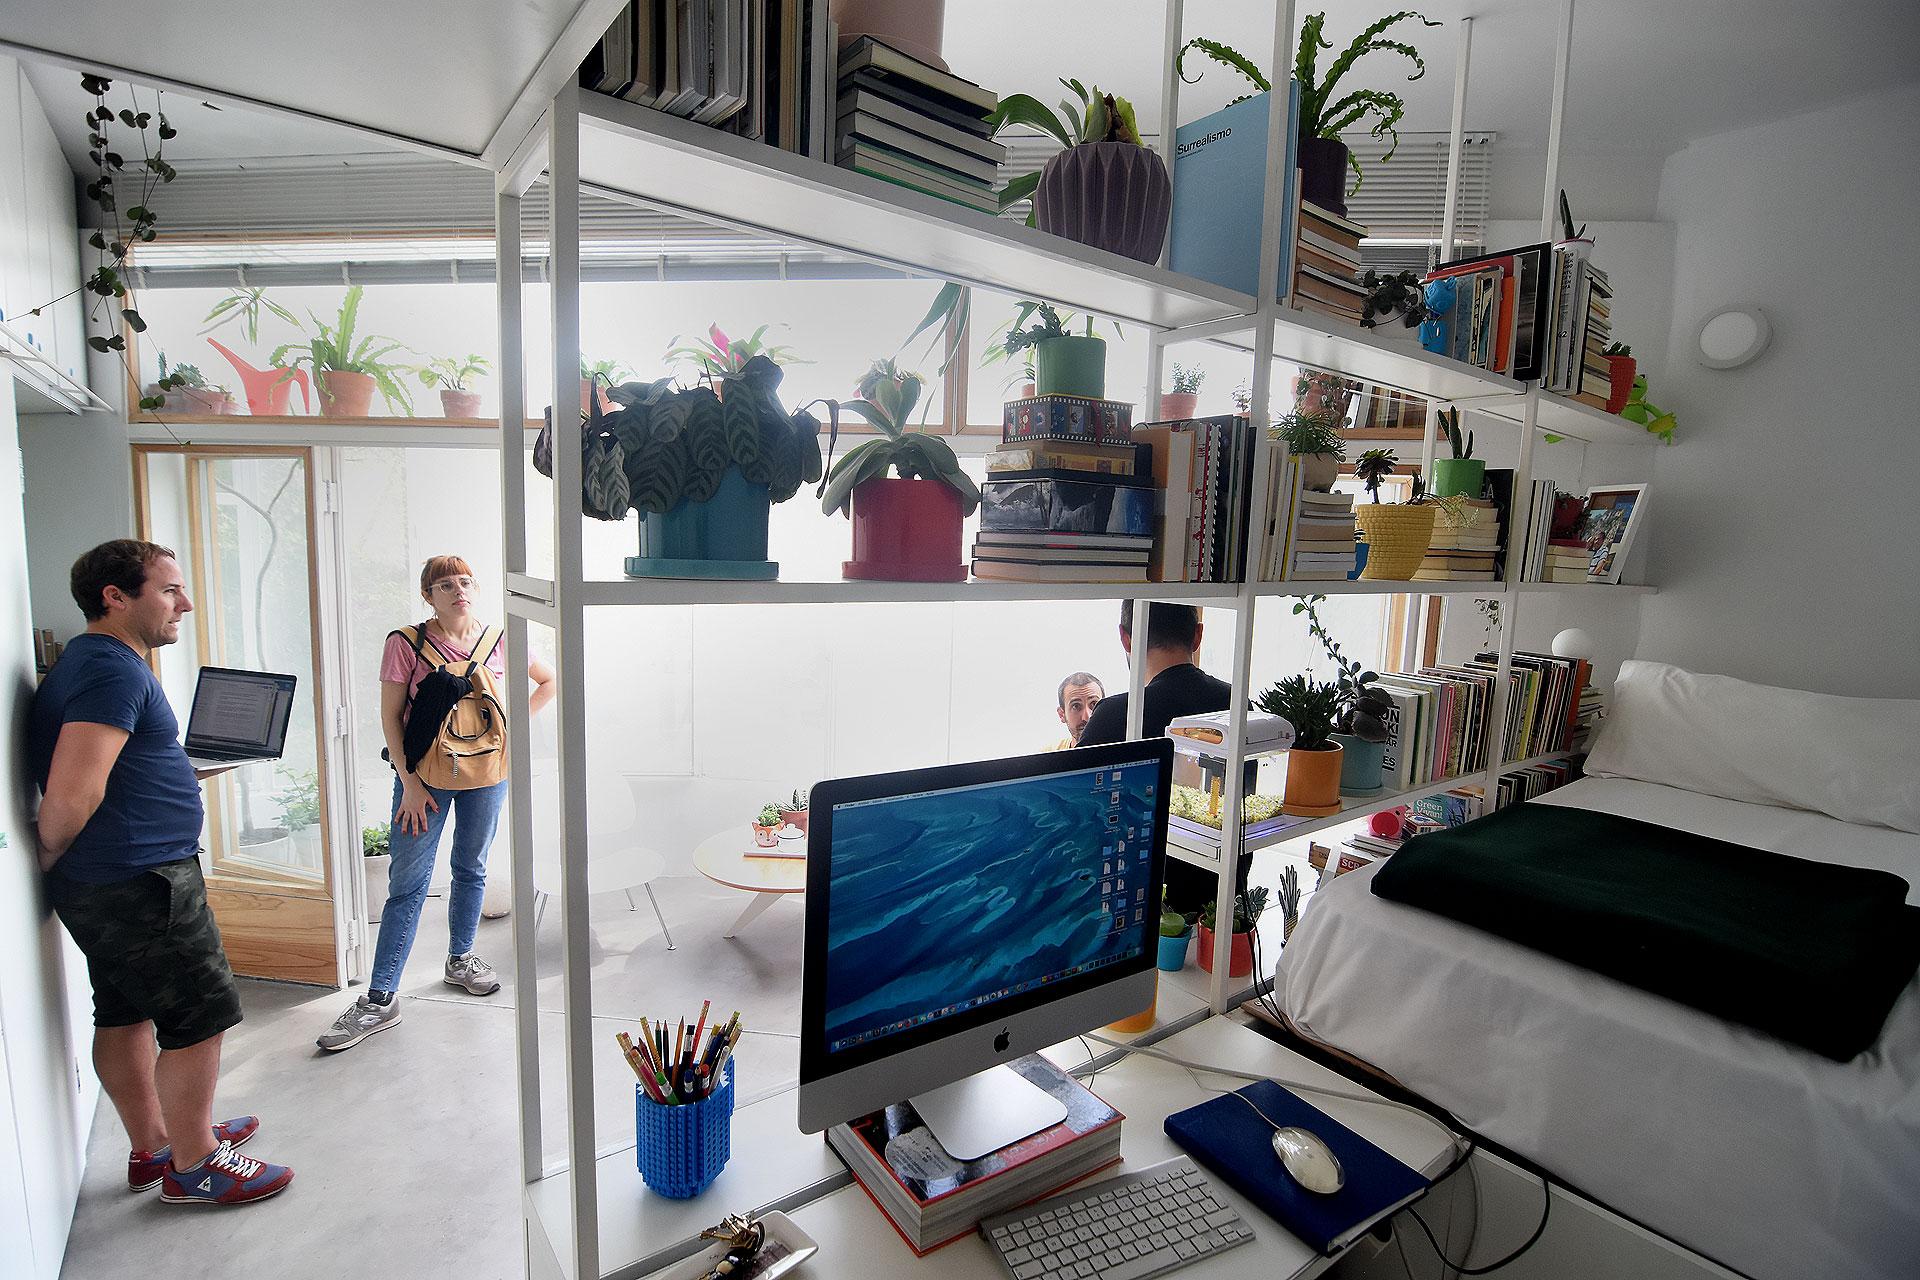 Espacios de guardado, equipamiento y da lugar a la cama y escritorio que se relacionan con el resto del ambiente a través de una biblioteca.